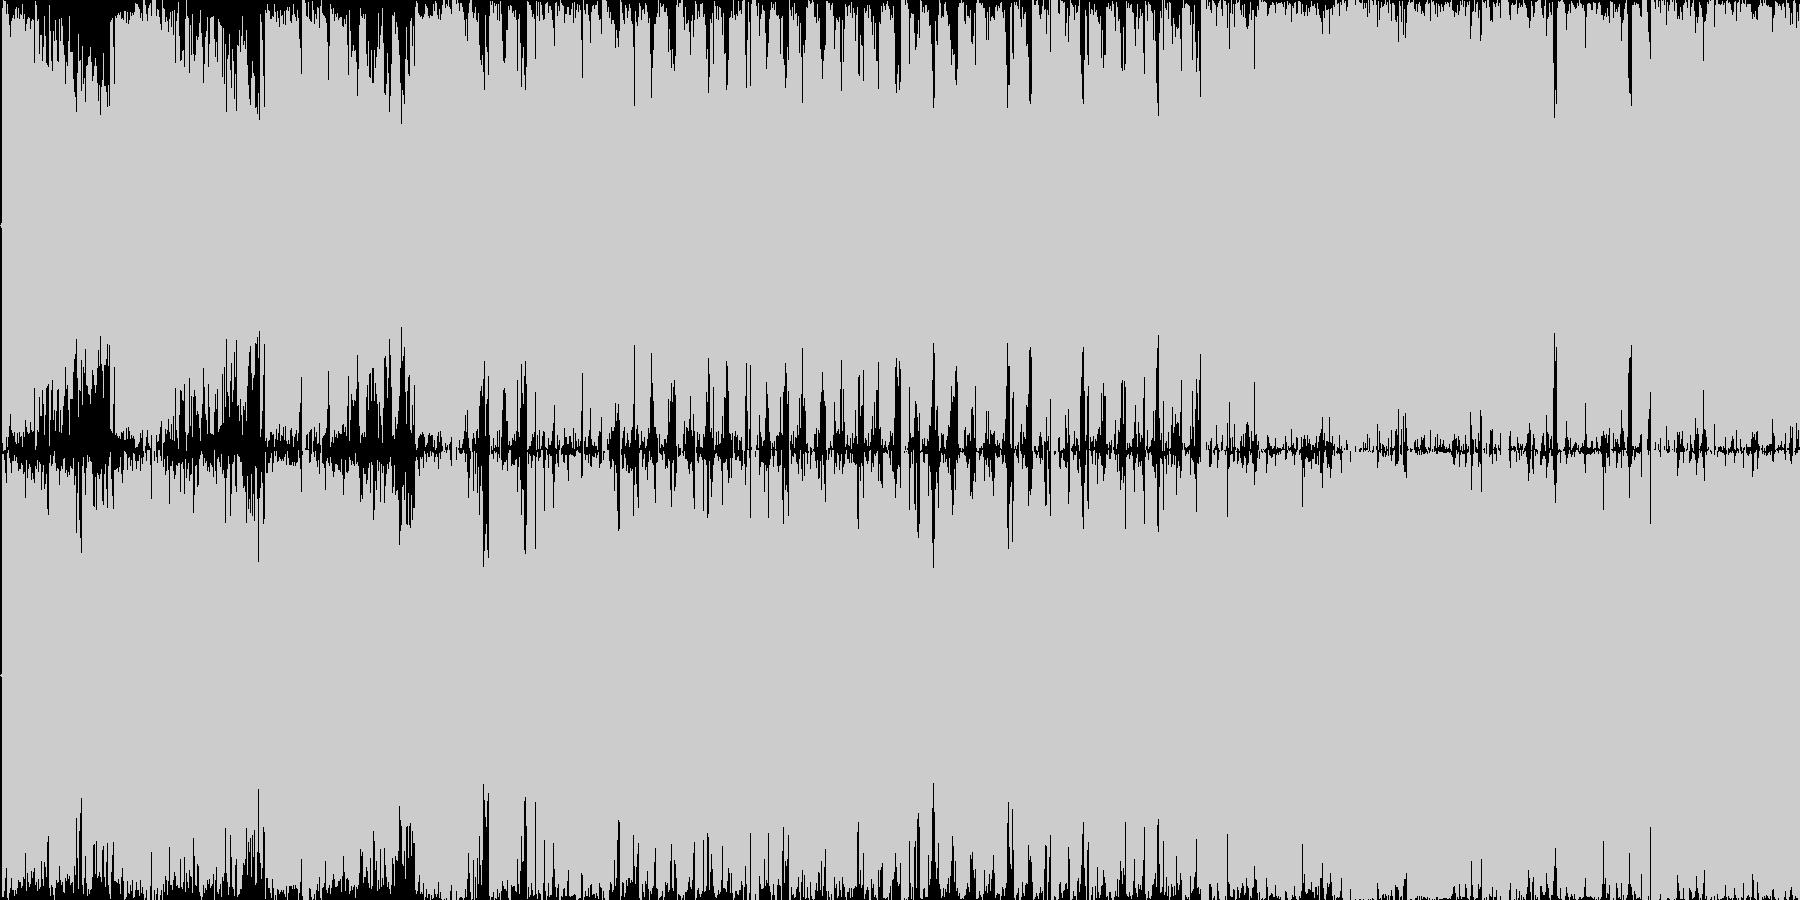 電脳世界を超スピードで駆け回るイメージ…の未再生の波形